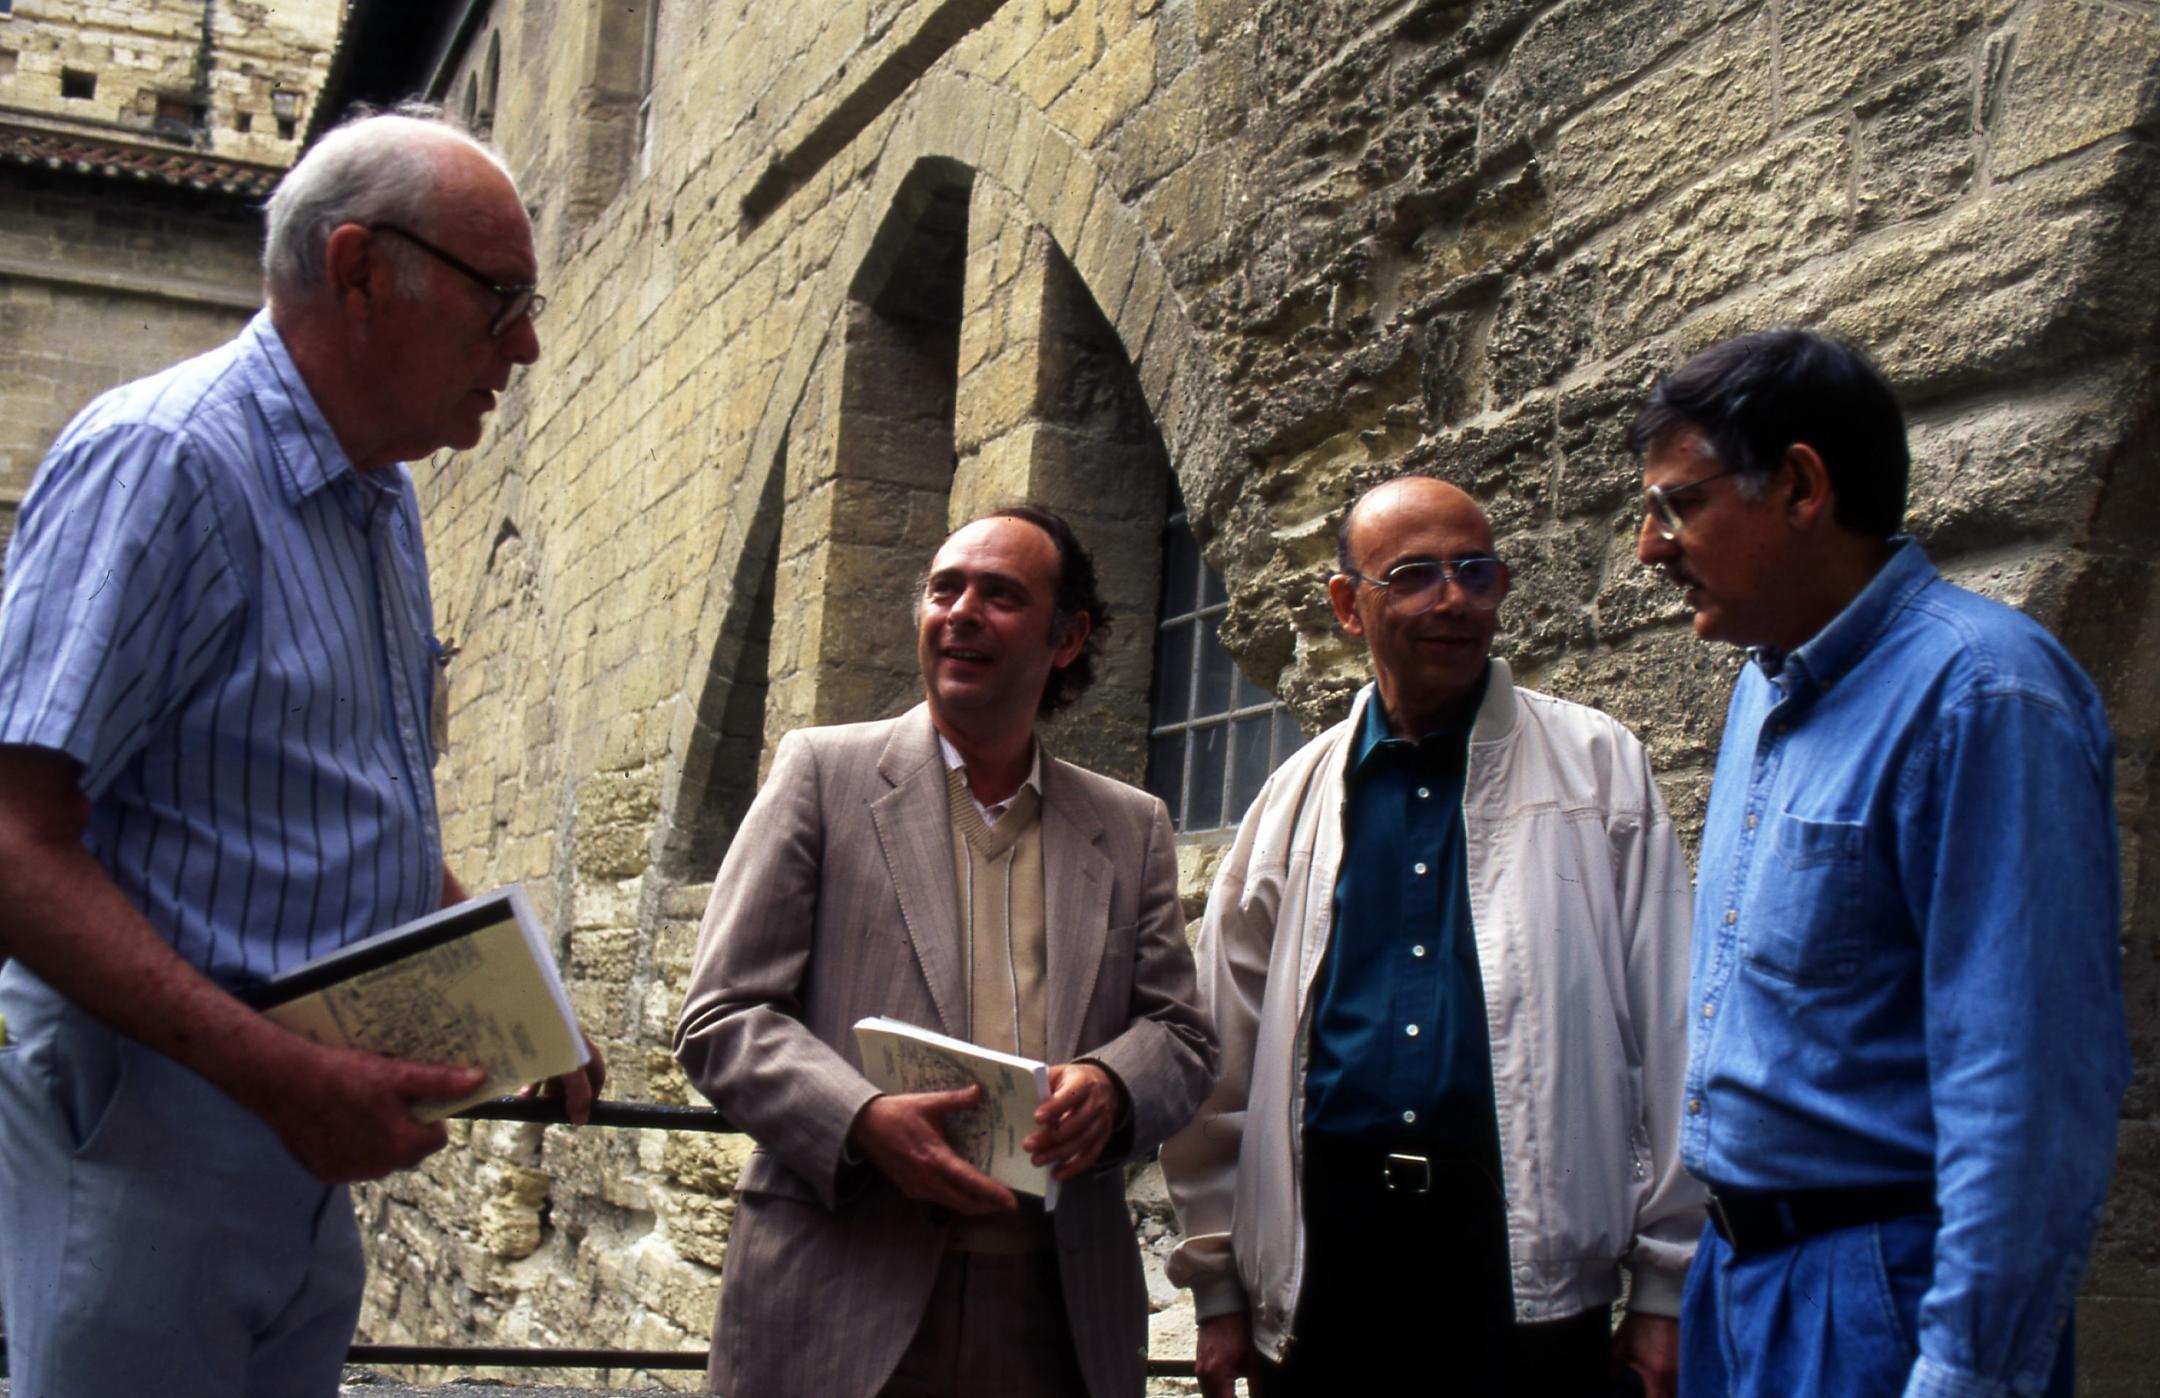 Denis Gratias est l'un des quatre co-auteurs de la publication rendant publique la découverte de Dan Shechtman.